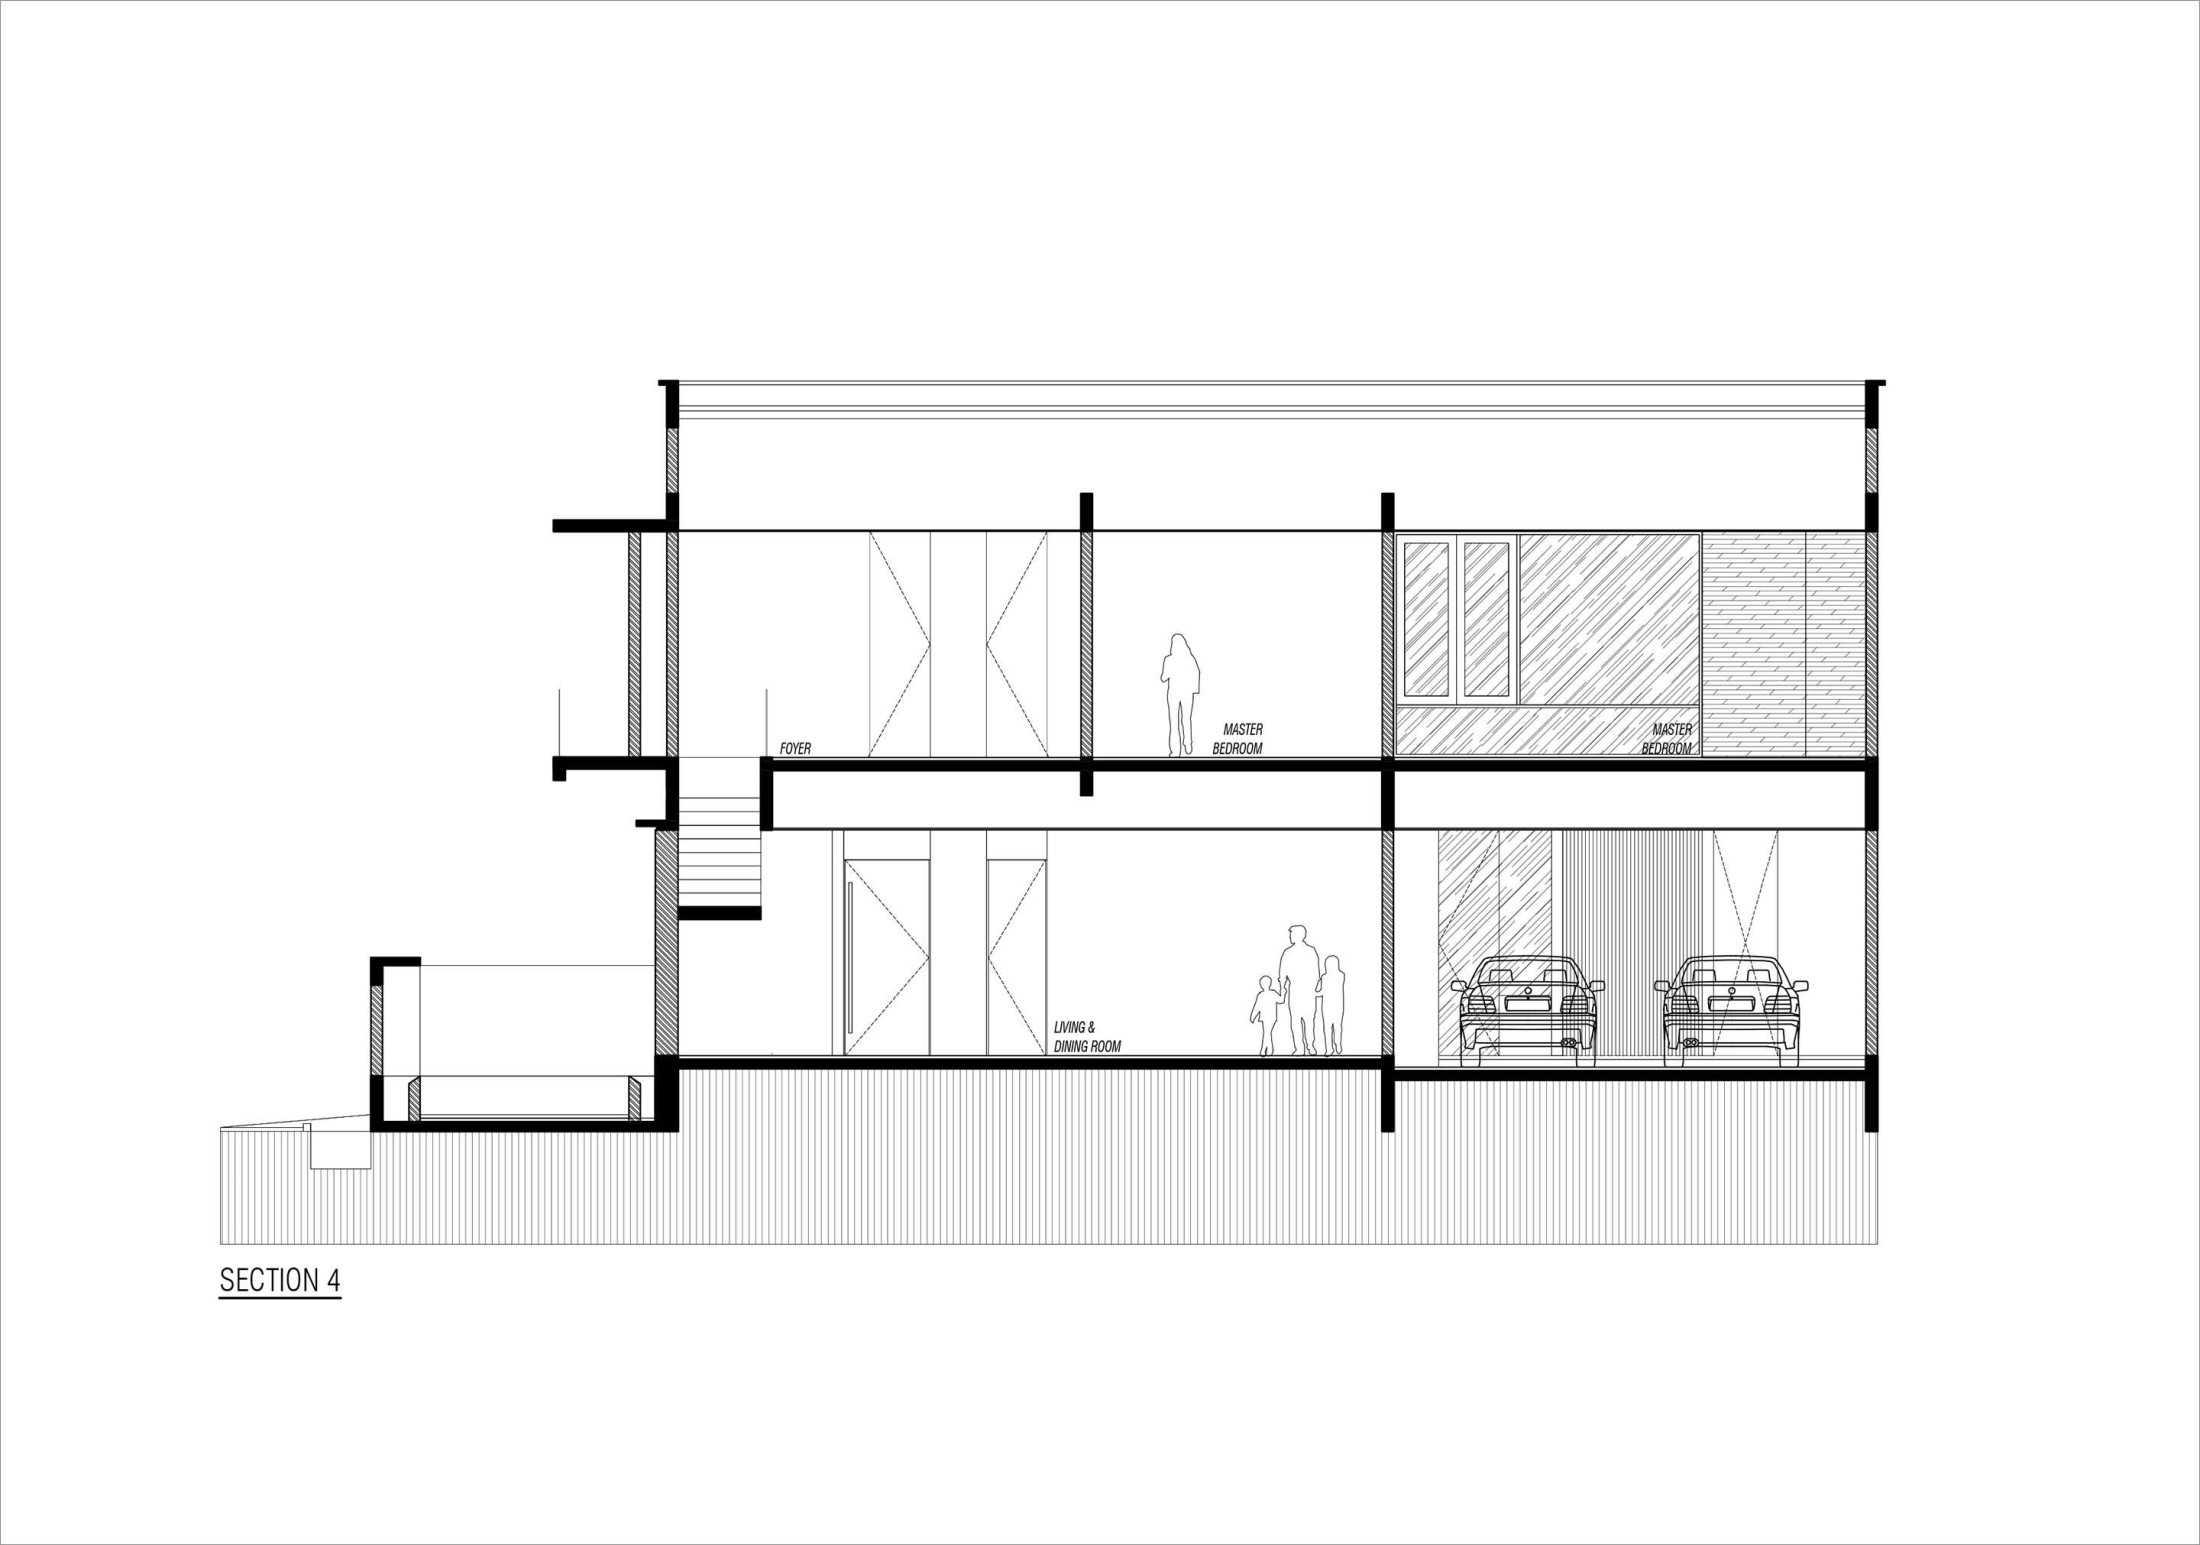 Y0 Design Architect J House Pd. Candra, Wadungasri, Kec. Waru, Kabupaten Sidoarjo, Jawa Timur, Indonesia Pd. Candra, Wadungasri, Kec. Waru, Kabupaten Sidoarjo, Jawa Timur, Indonesia Yohanes-Iswara-Limandjaya-J-House  121006